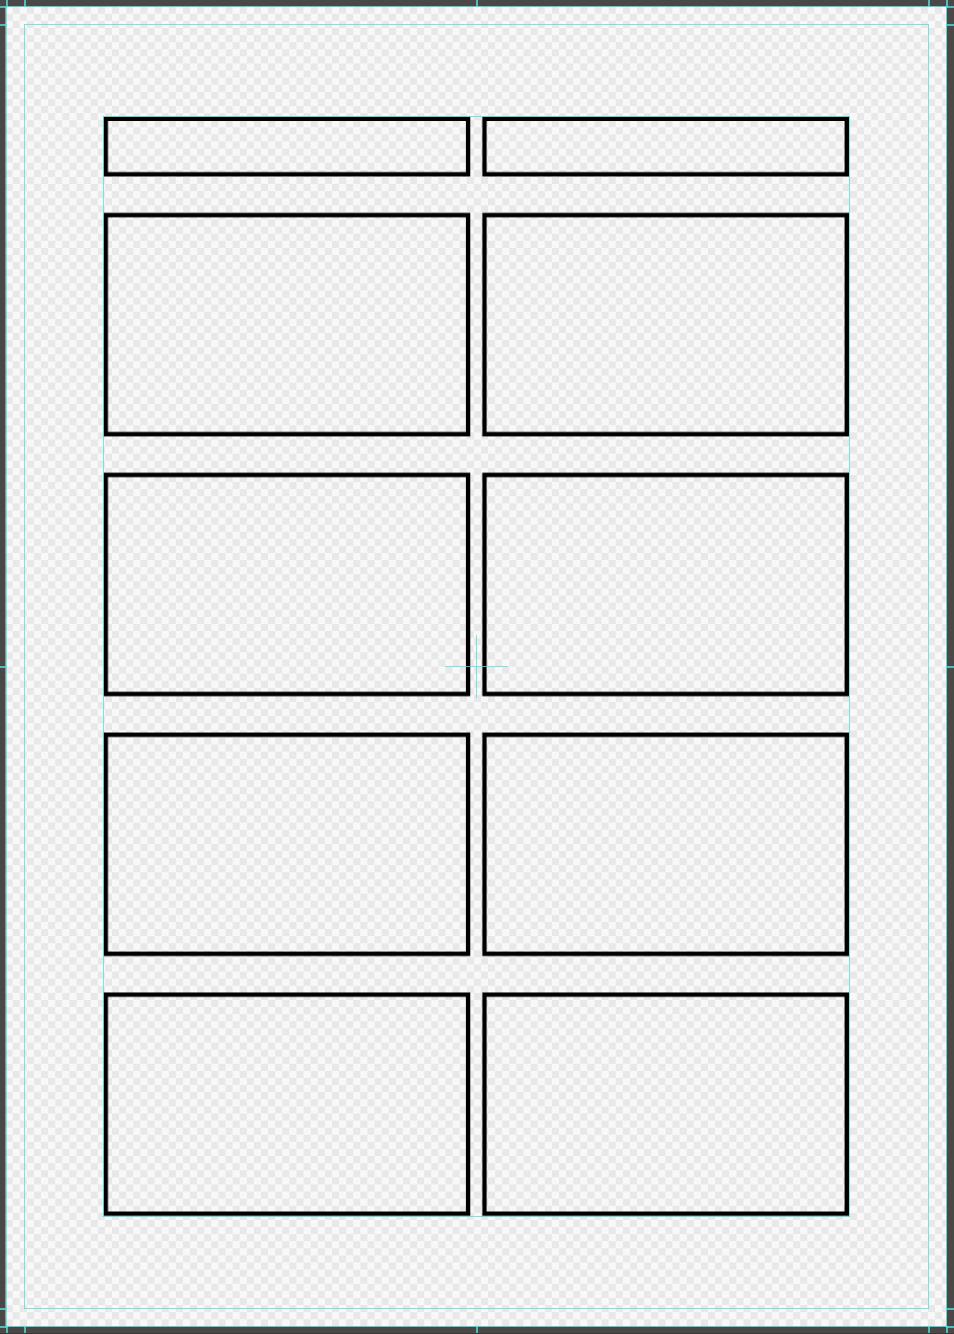 4帧卡通的面板划分